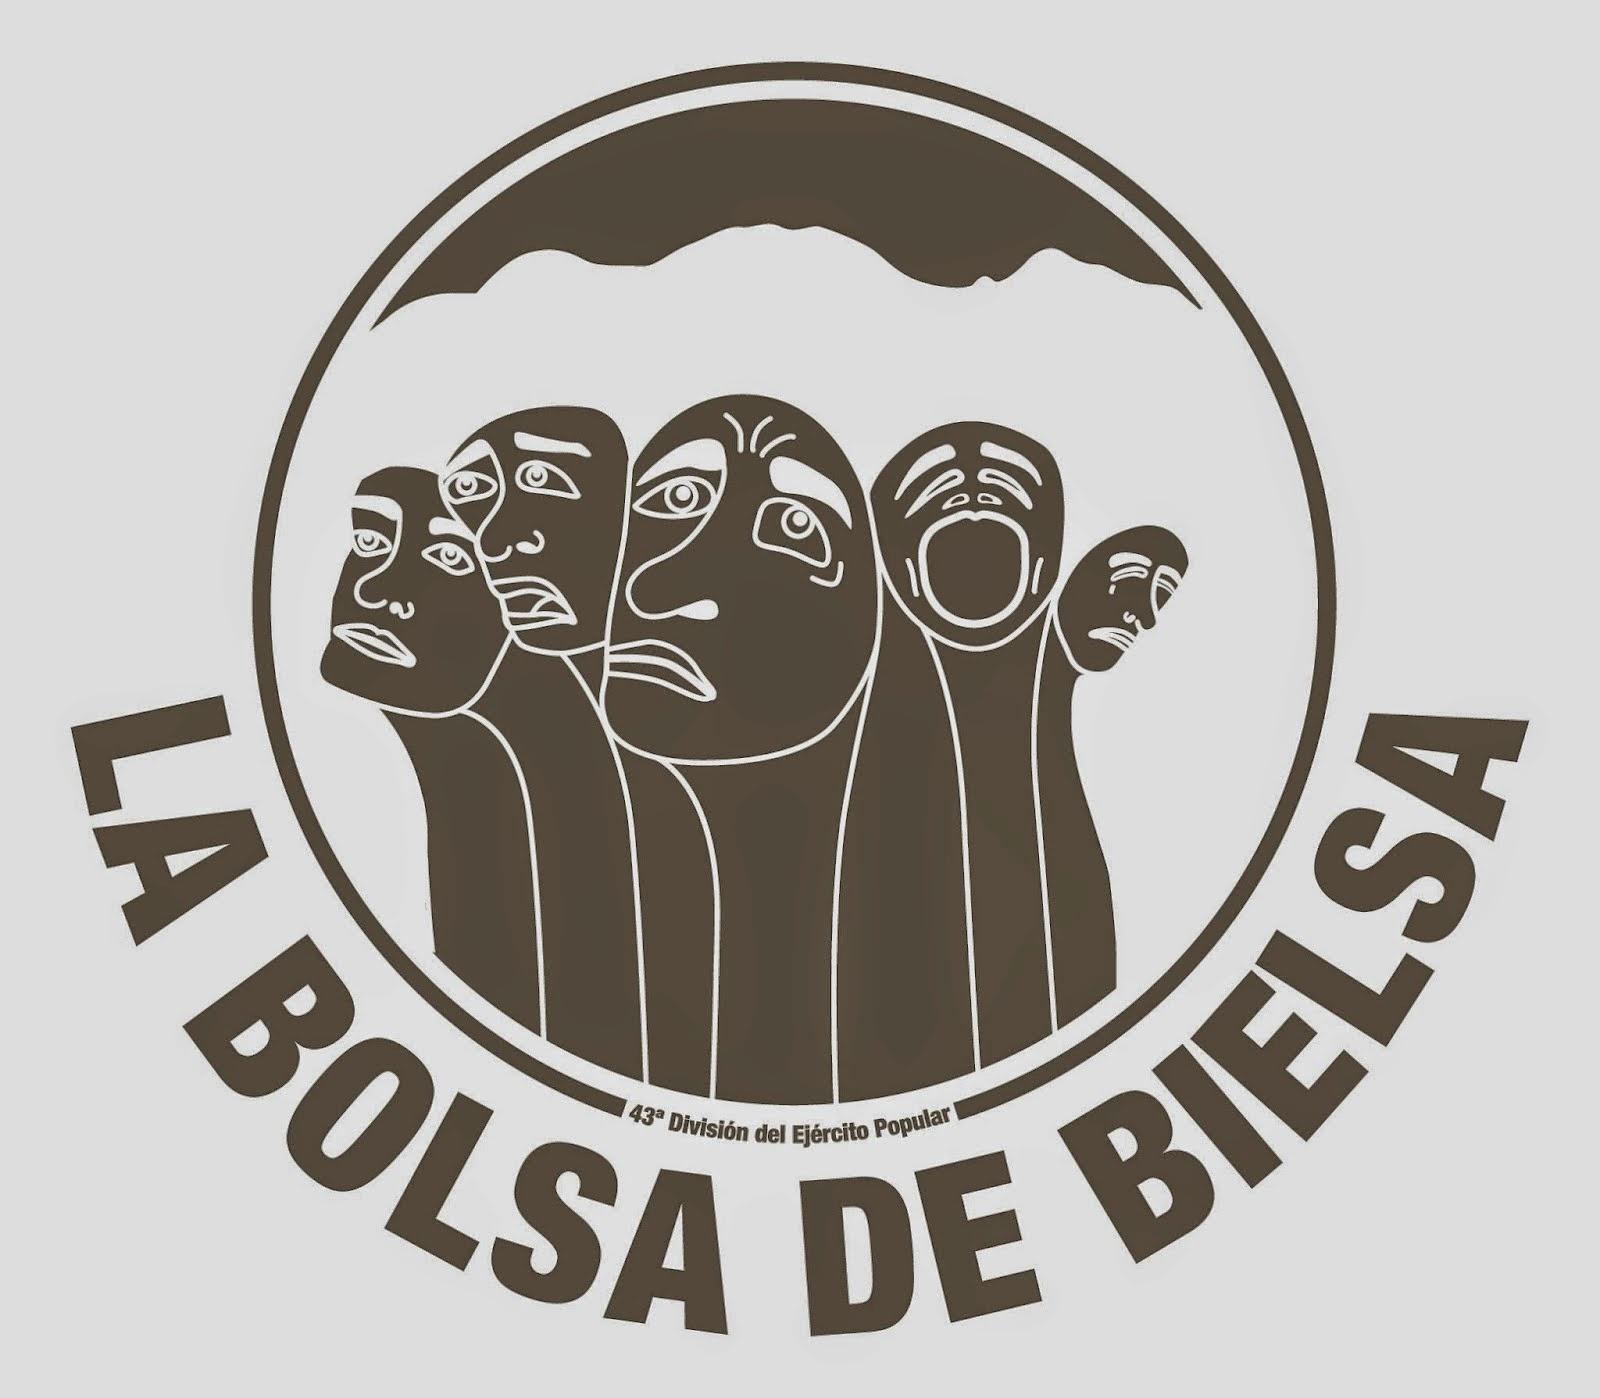 http://bolsadebielsa.blogspot.com.es/2014/05/fallo-del-jurado-del-v-concurso-de.html